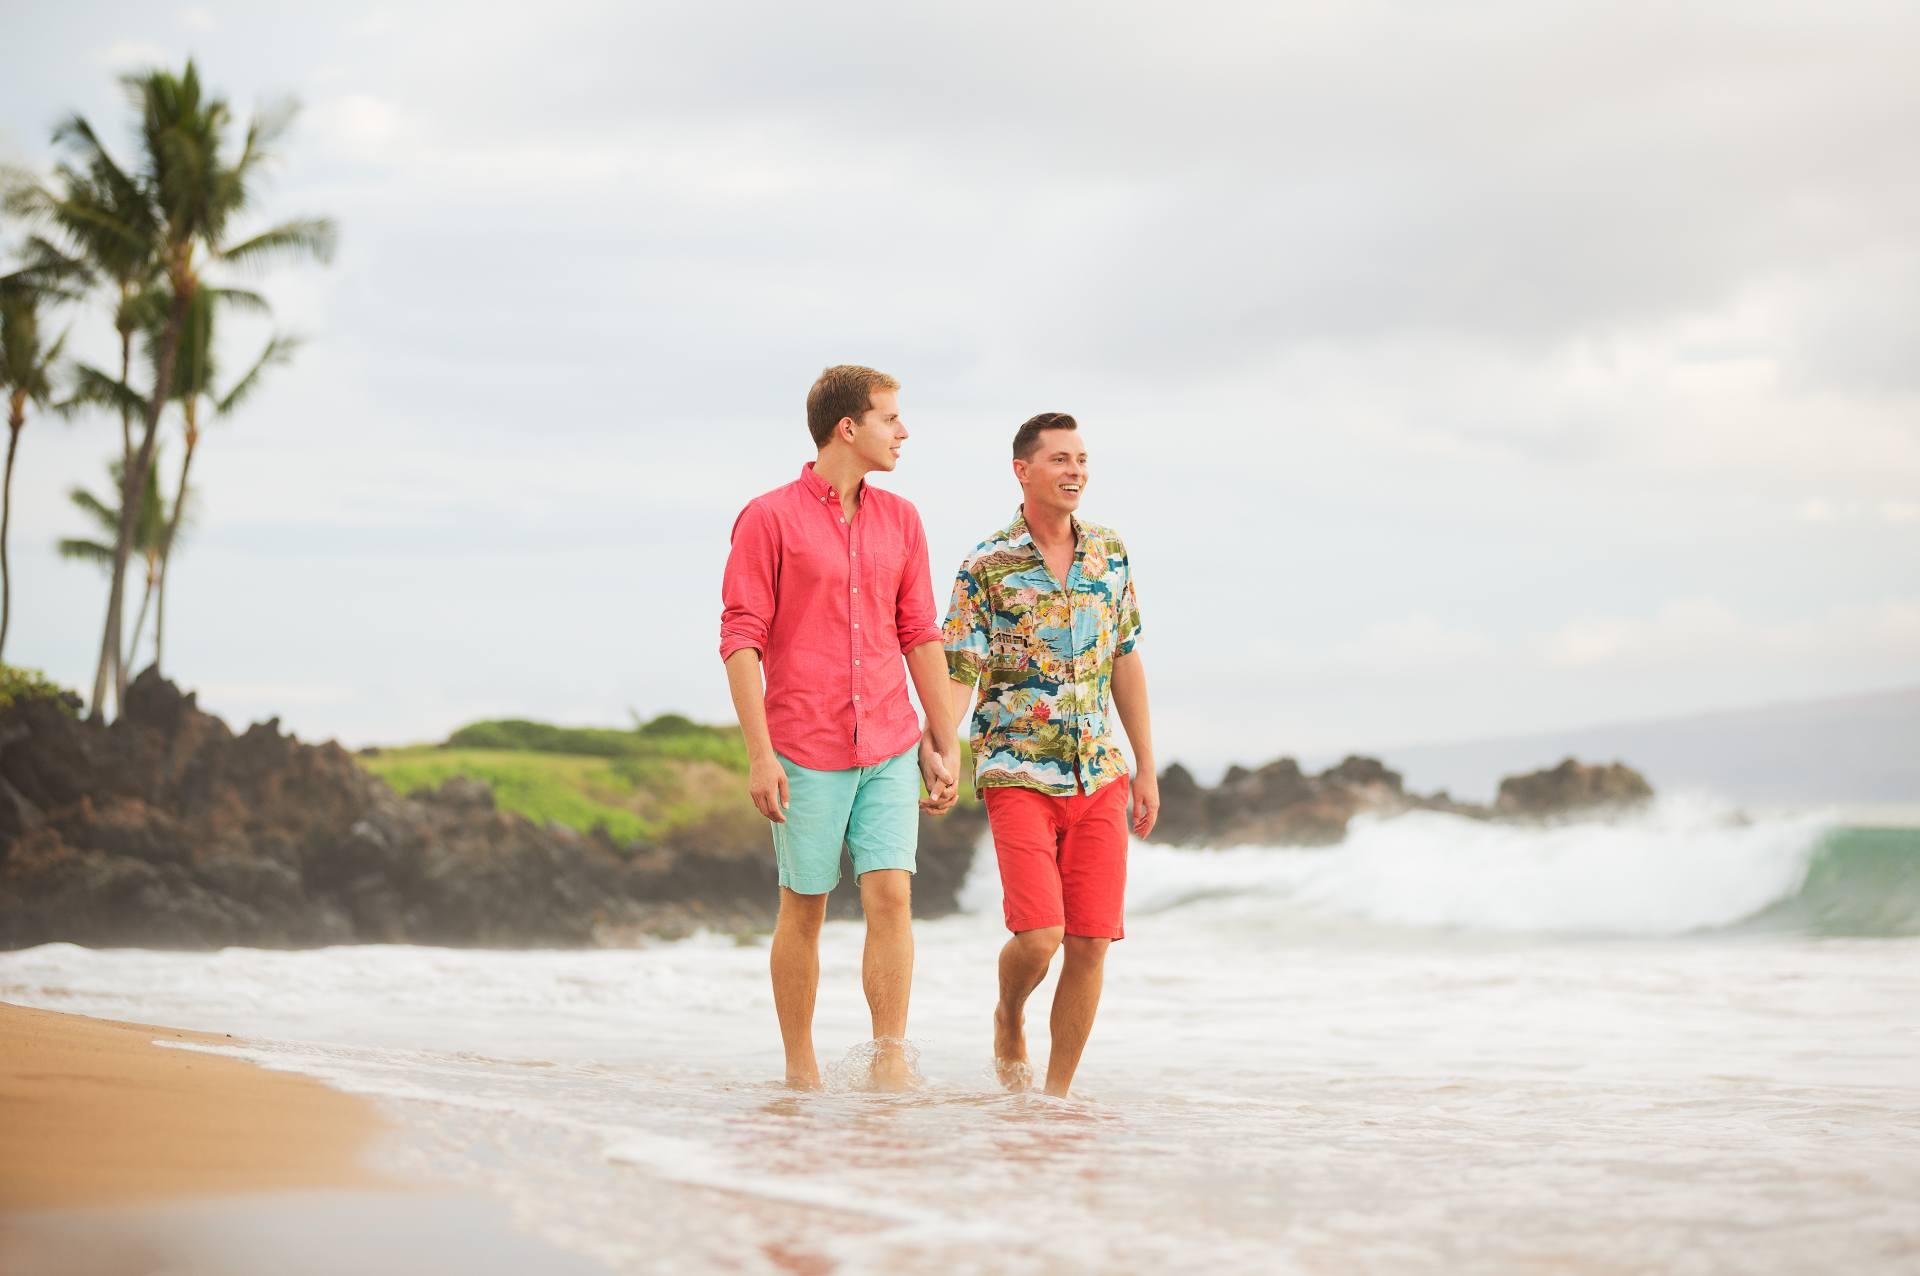 Gay Séjour - Guide gay - Gay voyage - Gay vacances